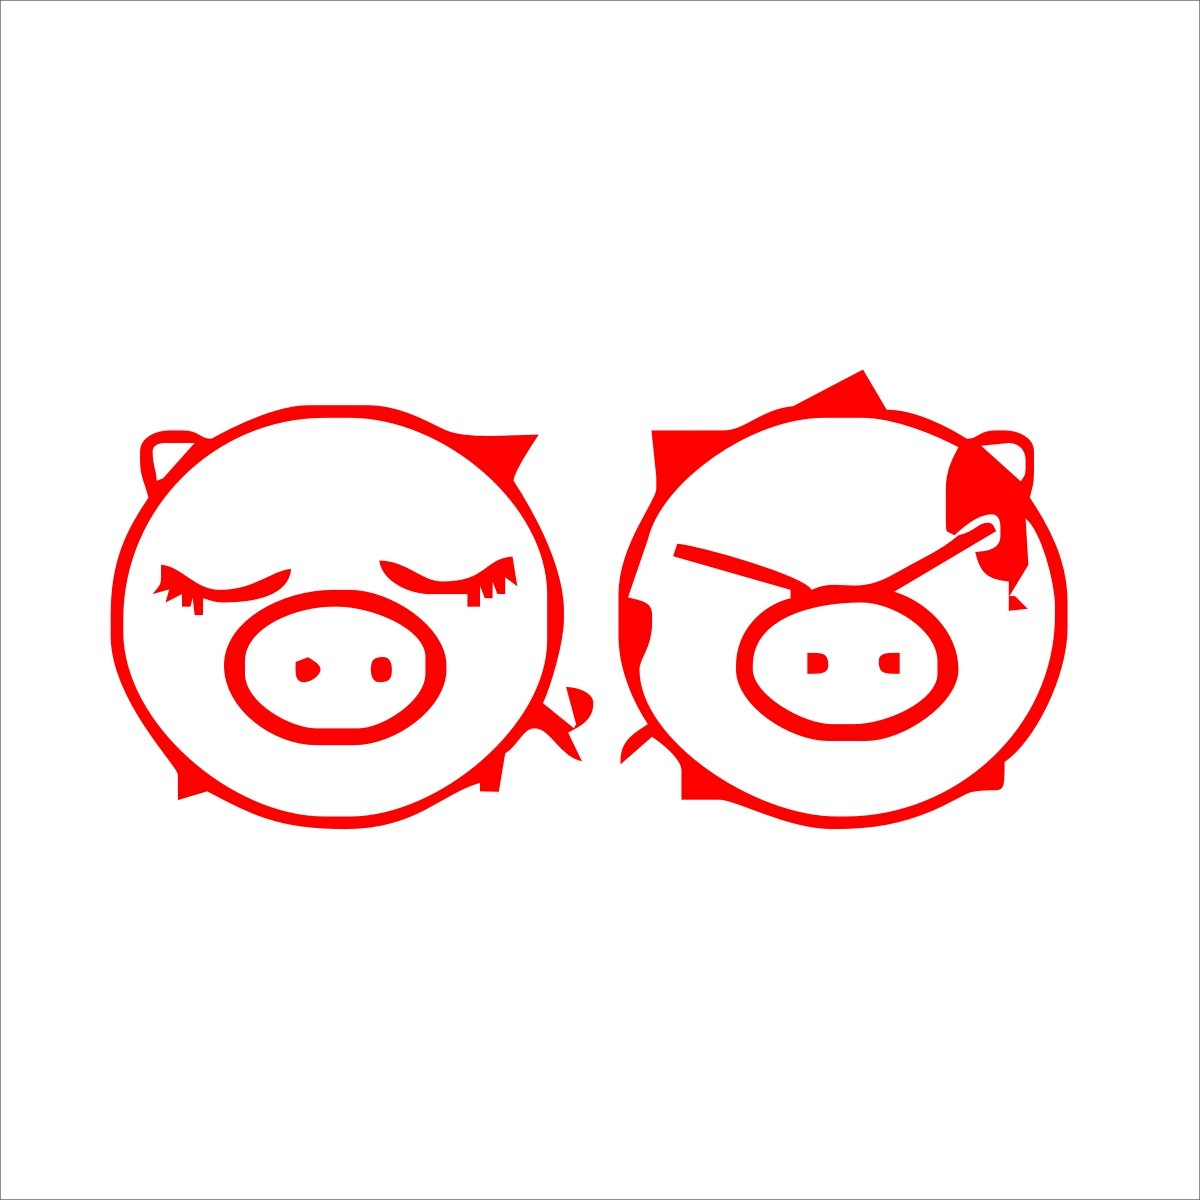 sk 深卡 个性车尾卡通小贴车身贴纸 系列58款 红色 20